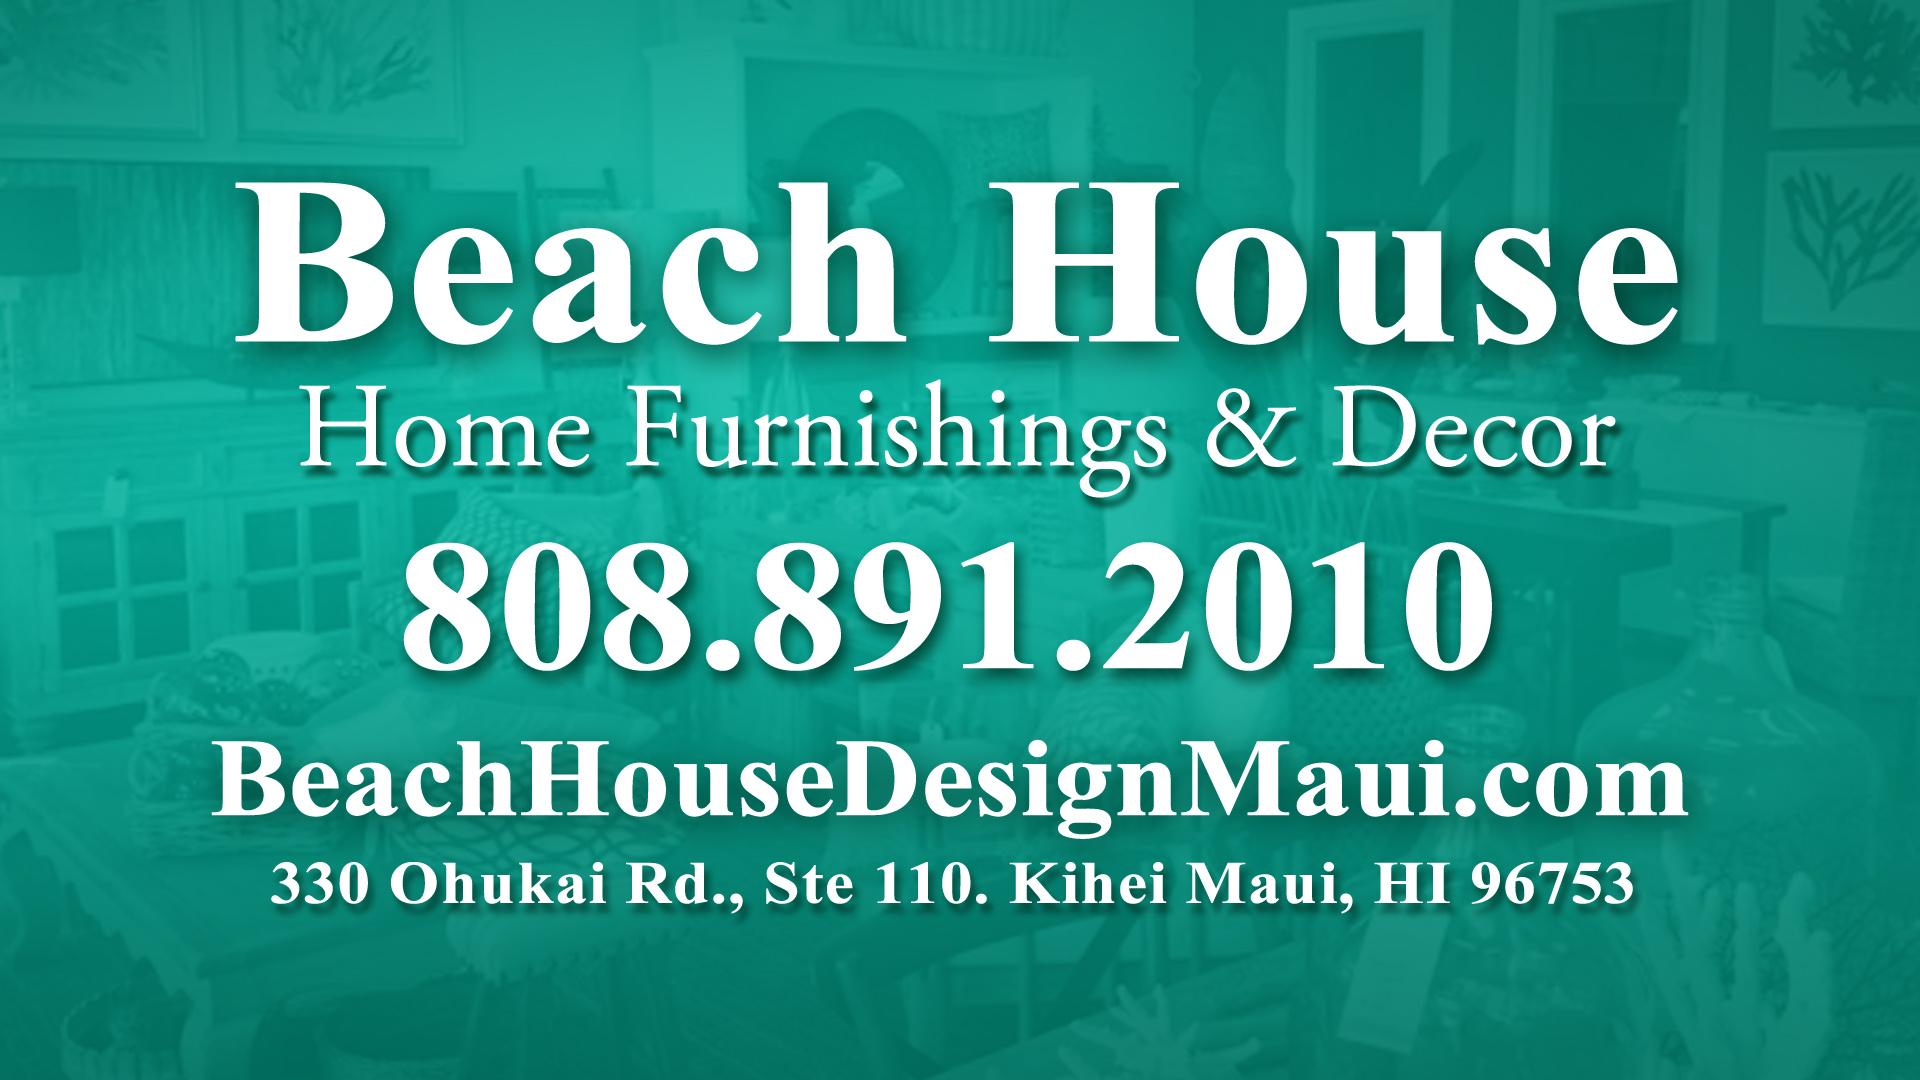 BeachHouseHD